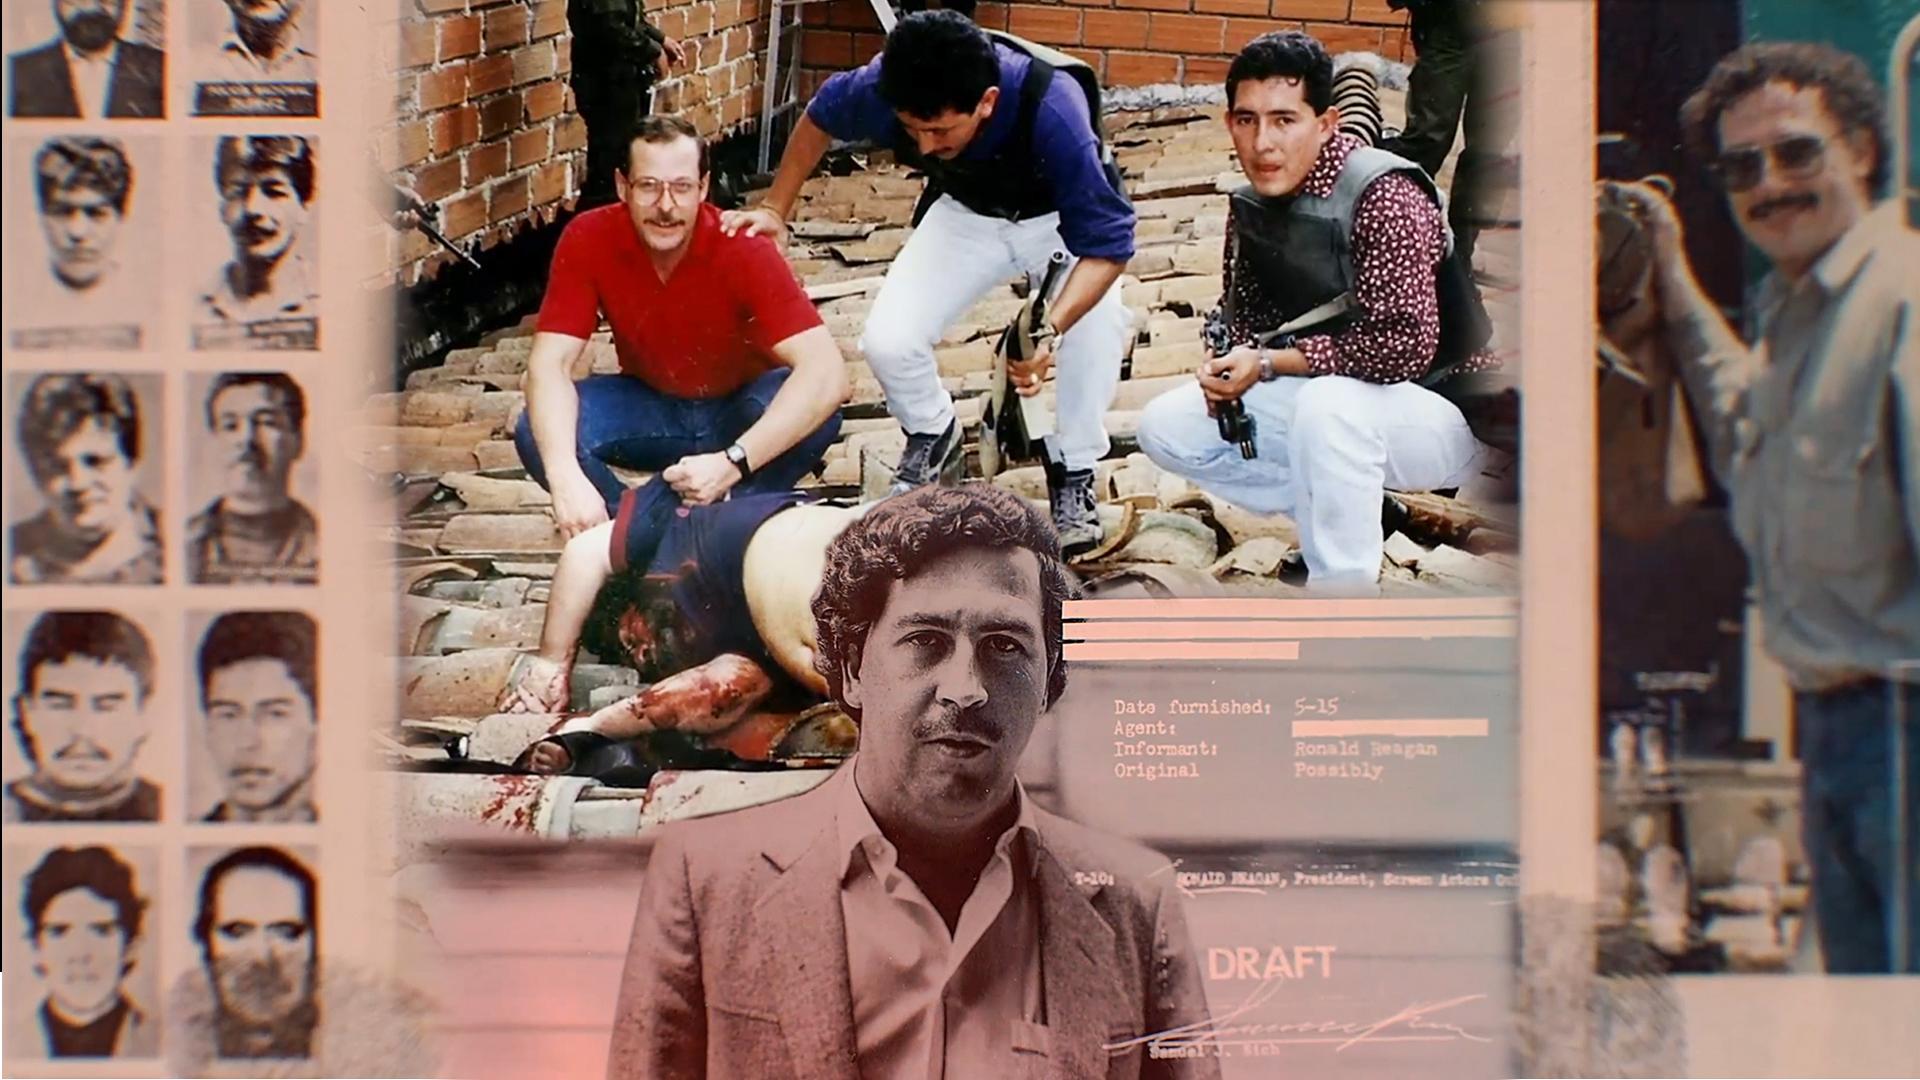 【墨菲】《毒枭》第11期:巴勃罗·埃斯科巴的死亡